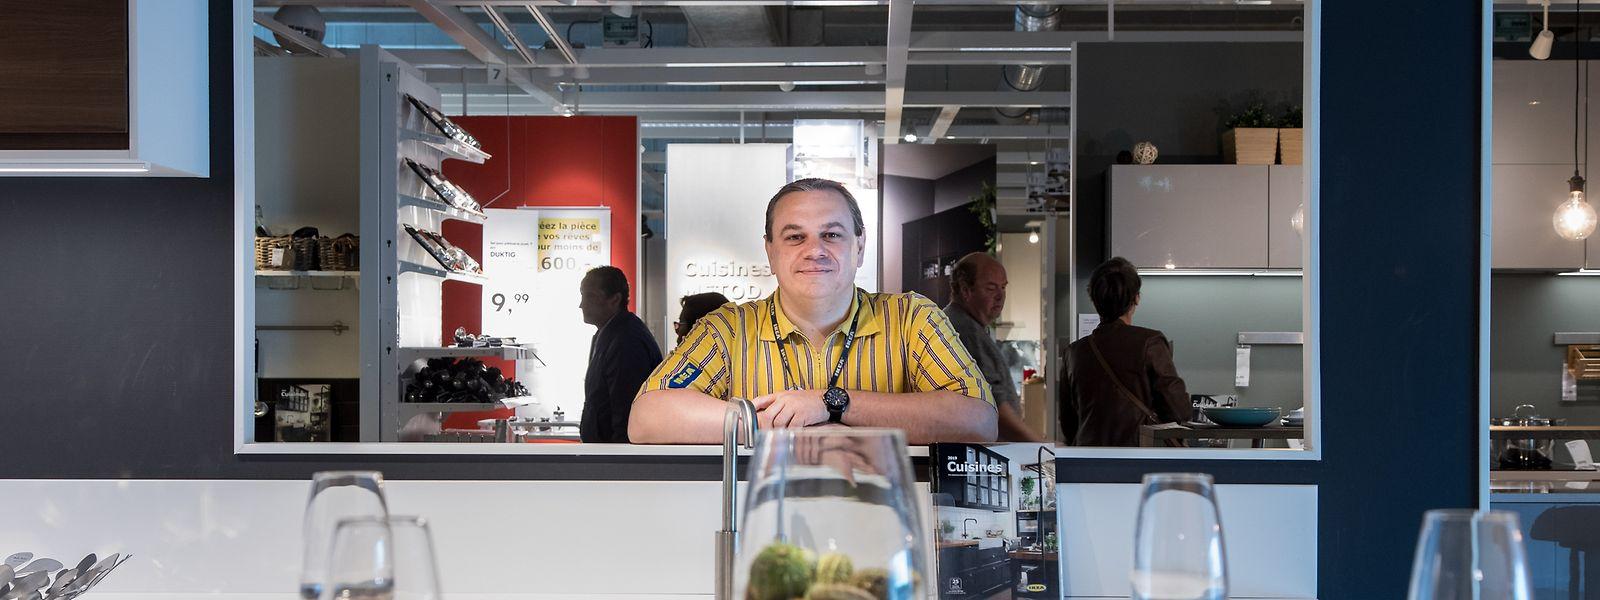 Christophe Adrien, le directeur d'Ikea Sterpenich.